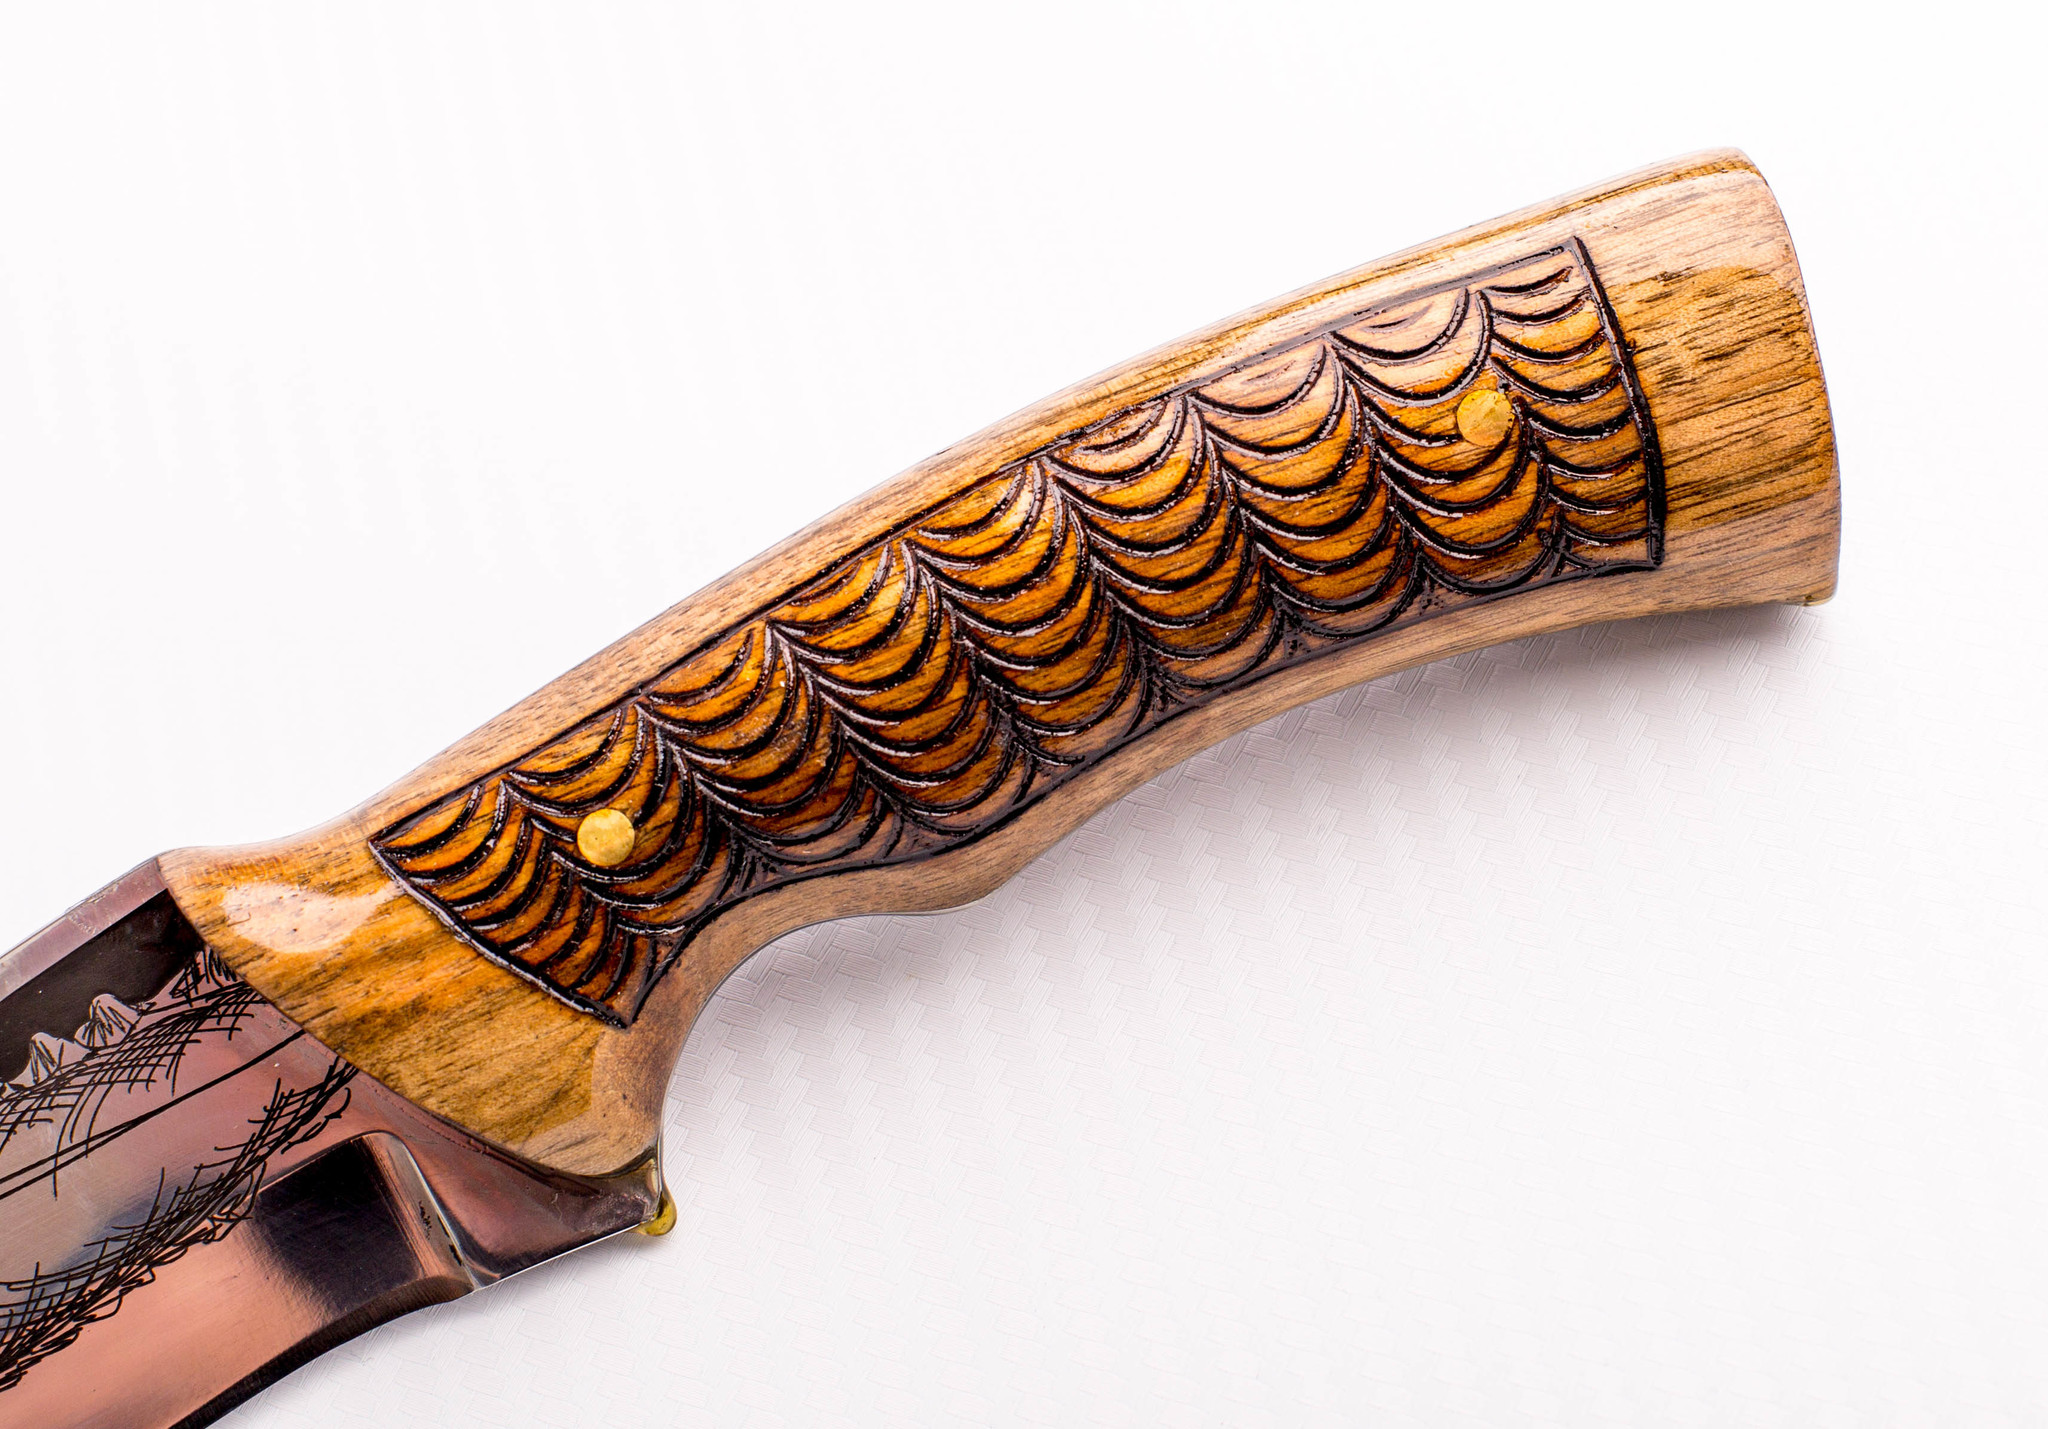 Фото 3 - Нож Морской Волк, резной, Кизляр СТО, сталь 65х13